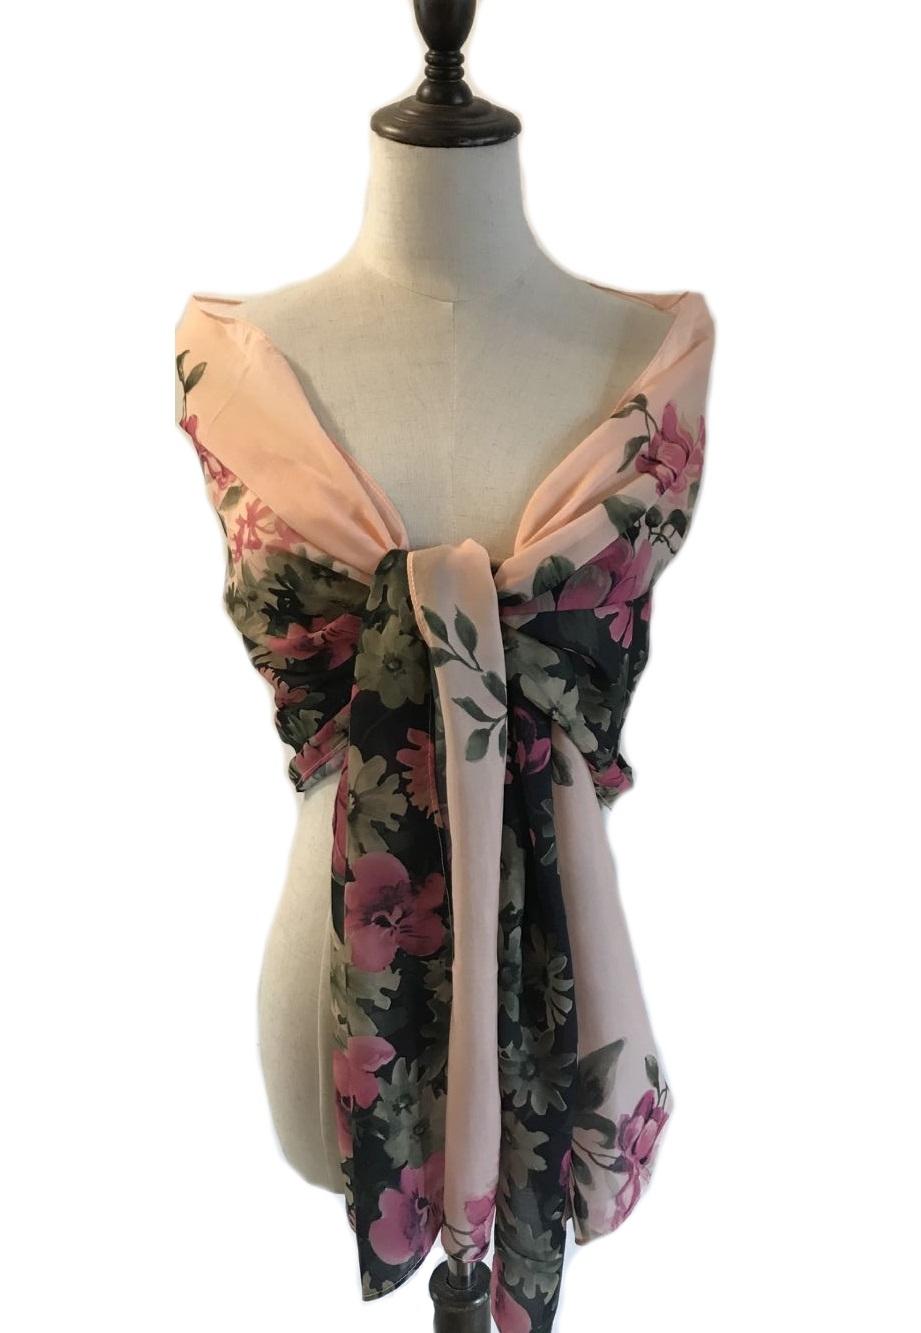 abito-cerimonia-da-donna-in-chiffon-damigella-vestito-lungo-elegante-floreale miniatura 5